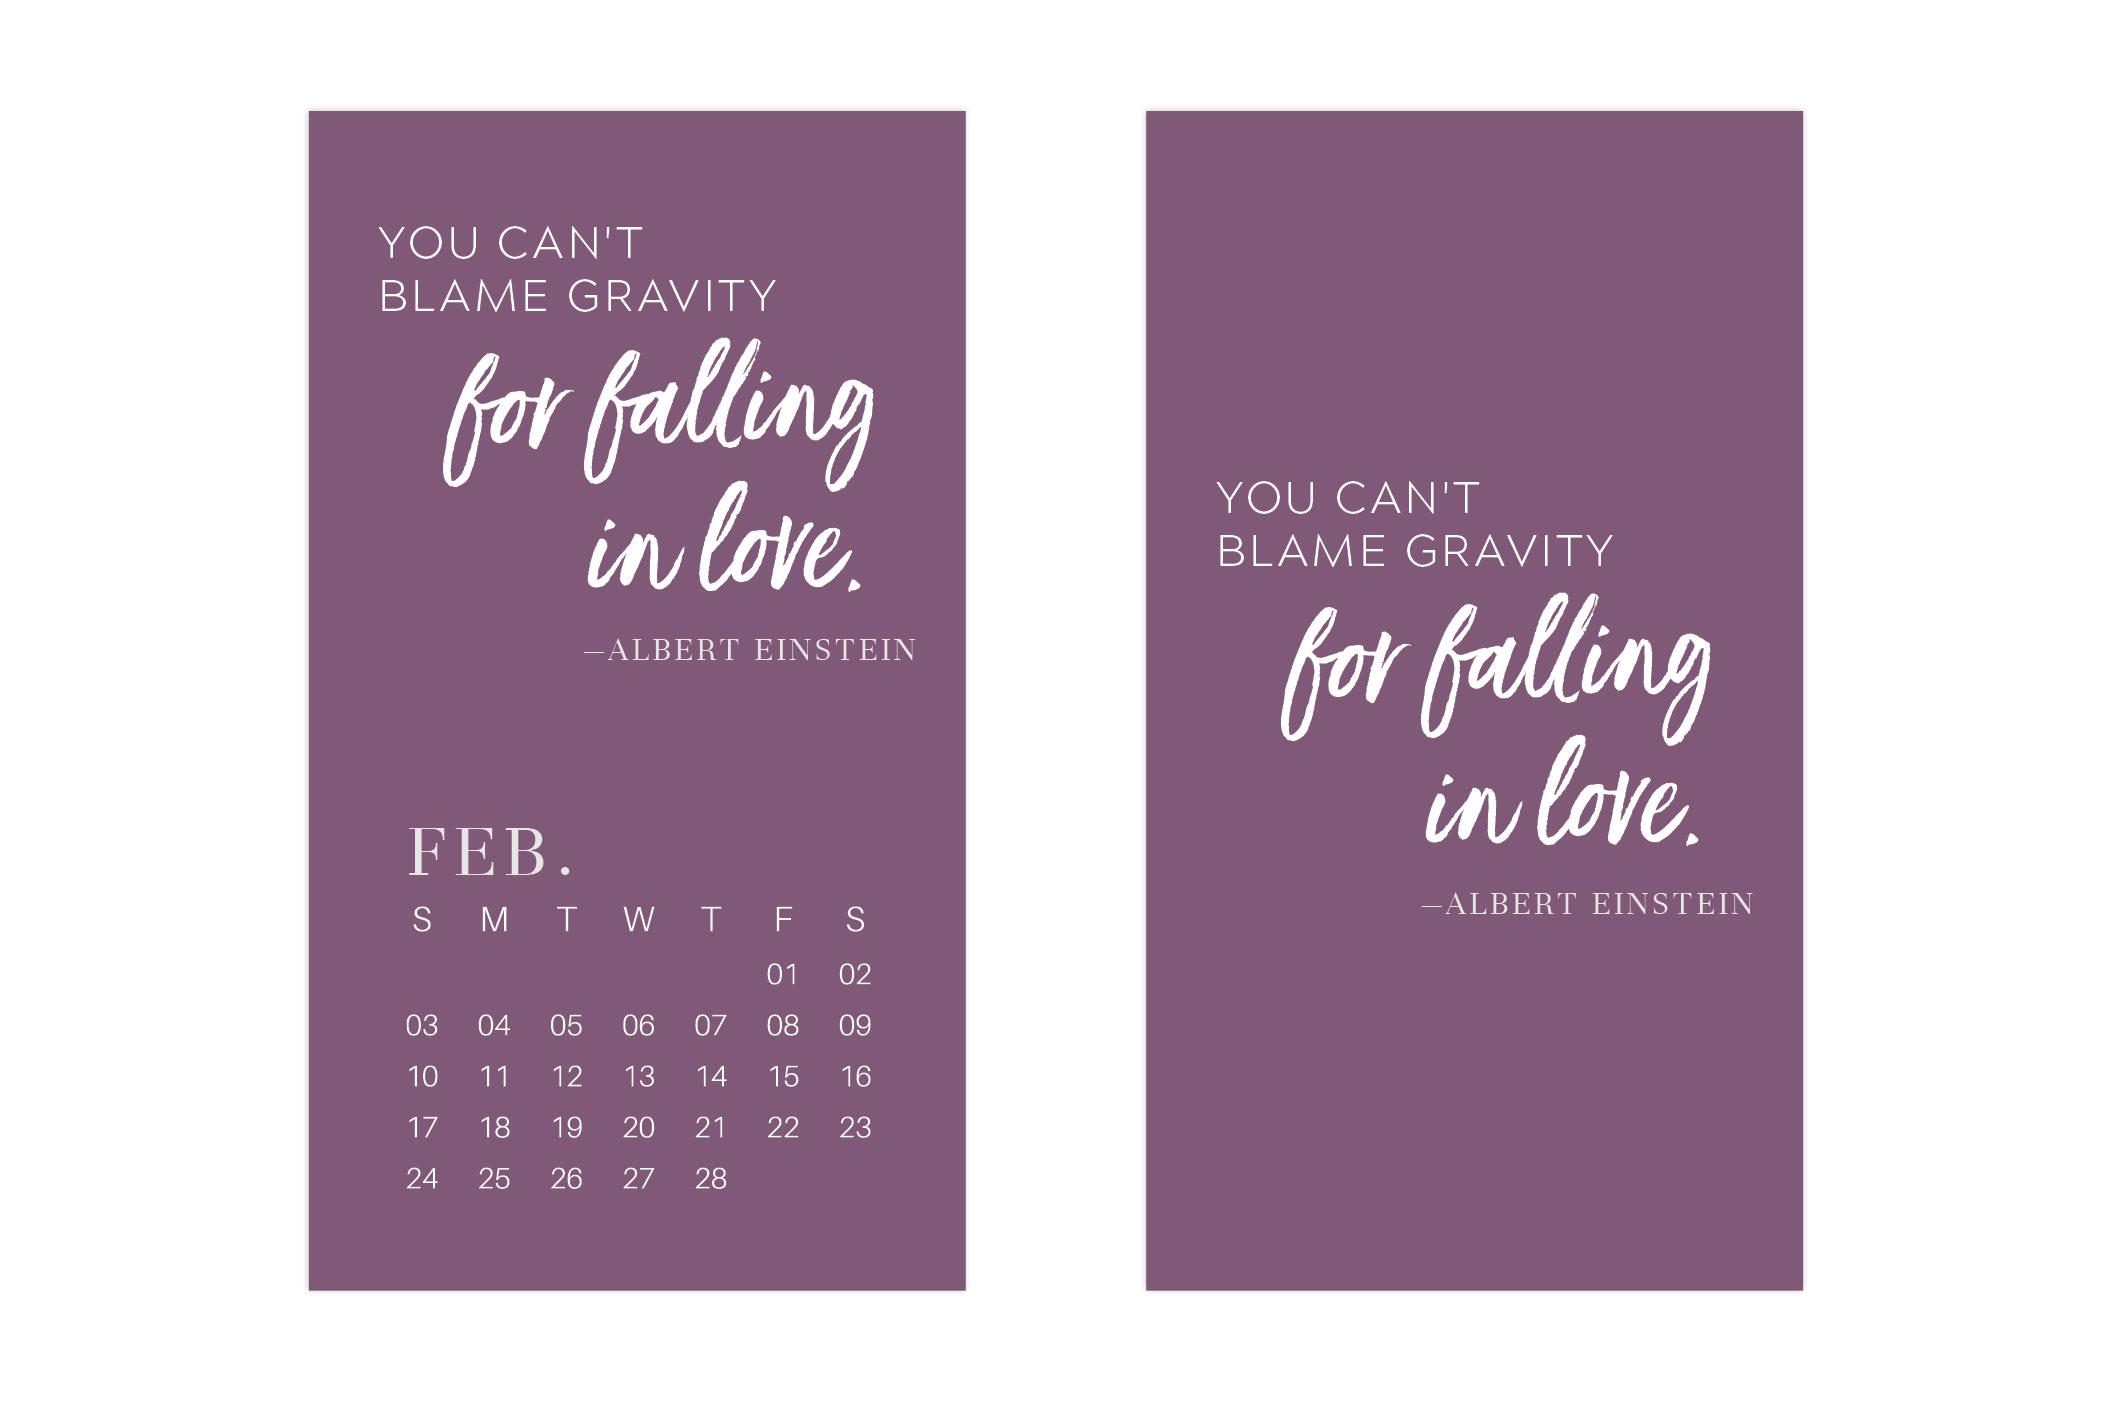 Uppercase Designs February 2019 Wallpaper Mobile